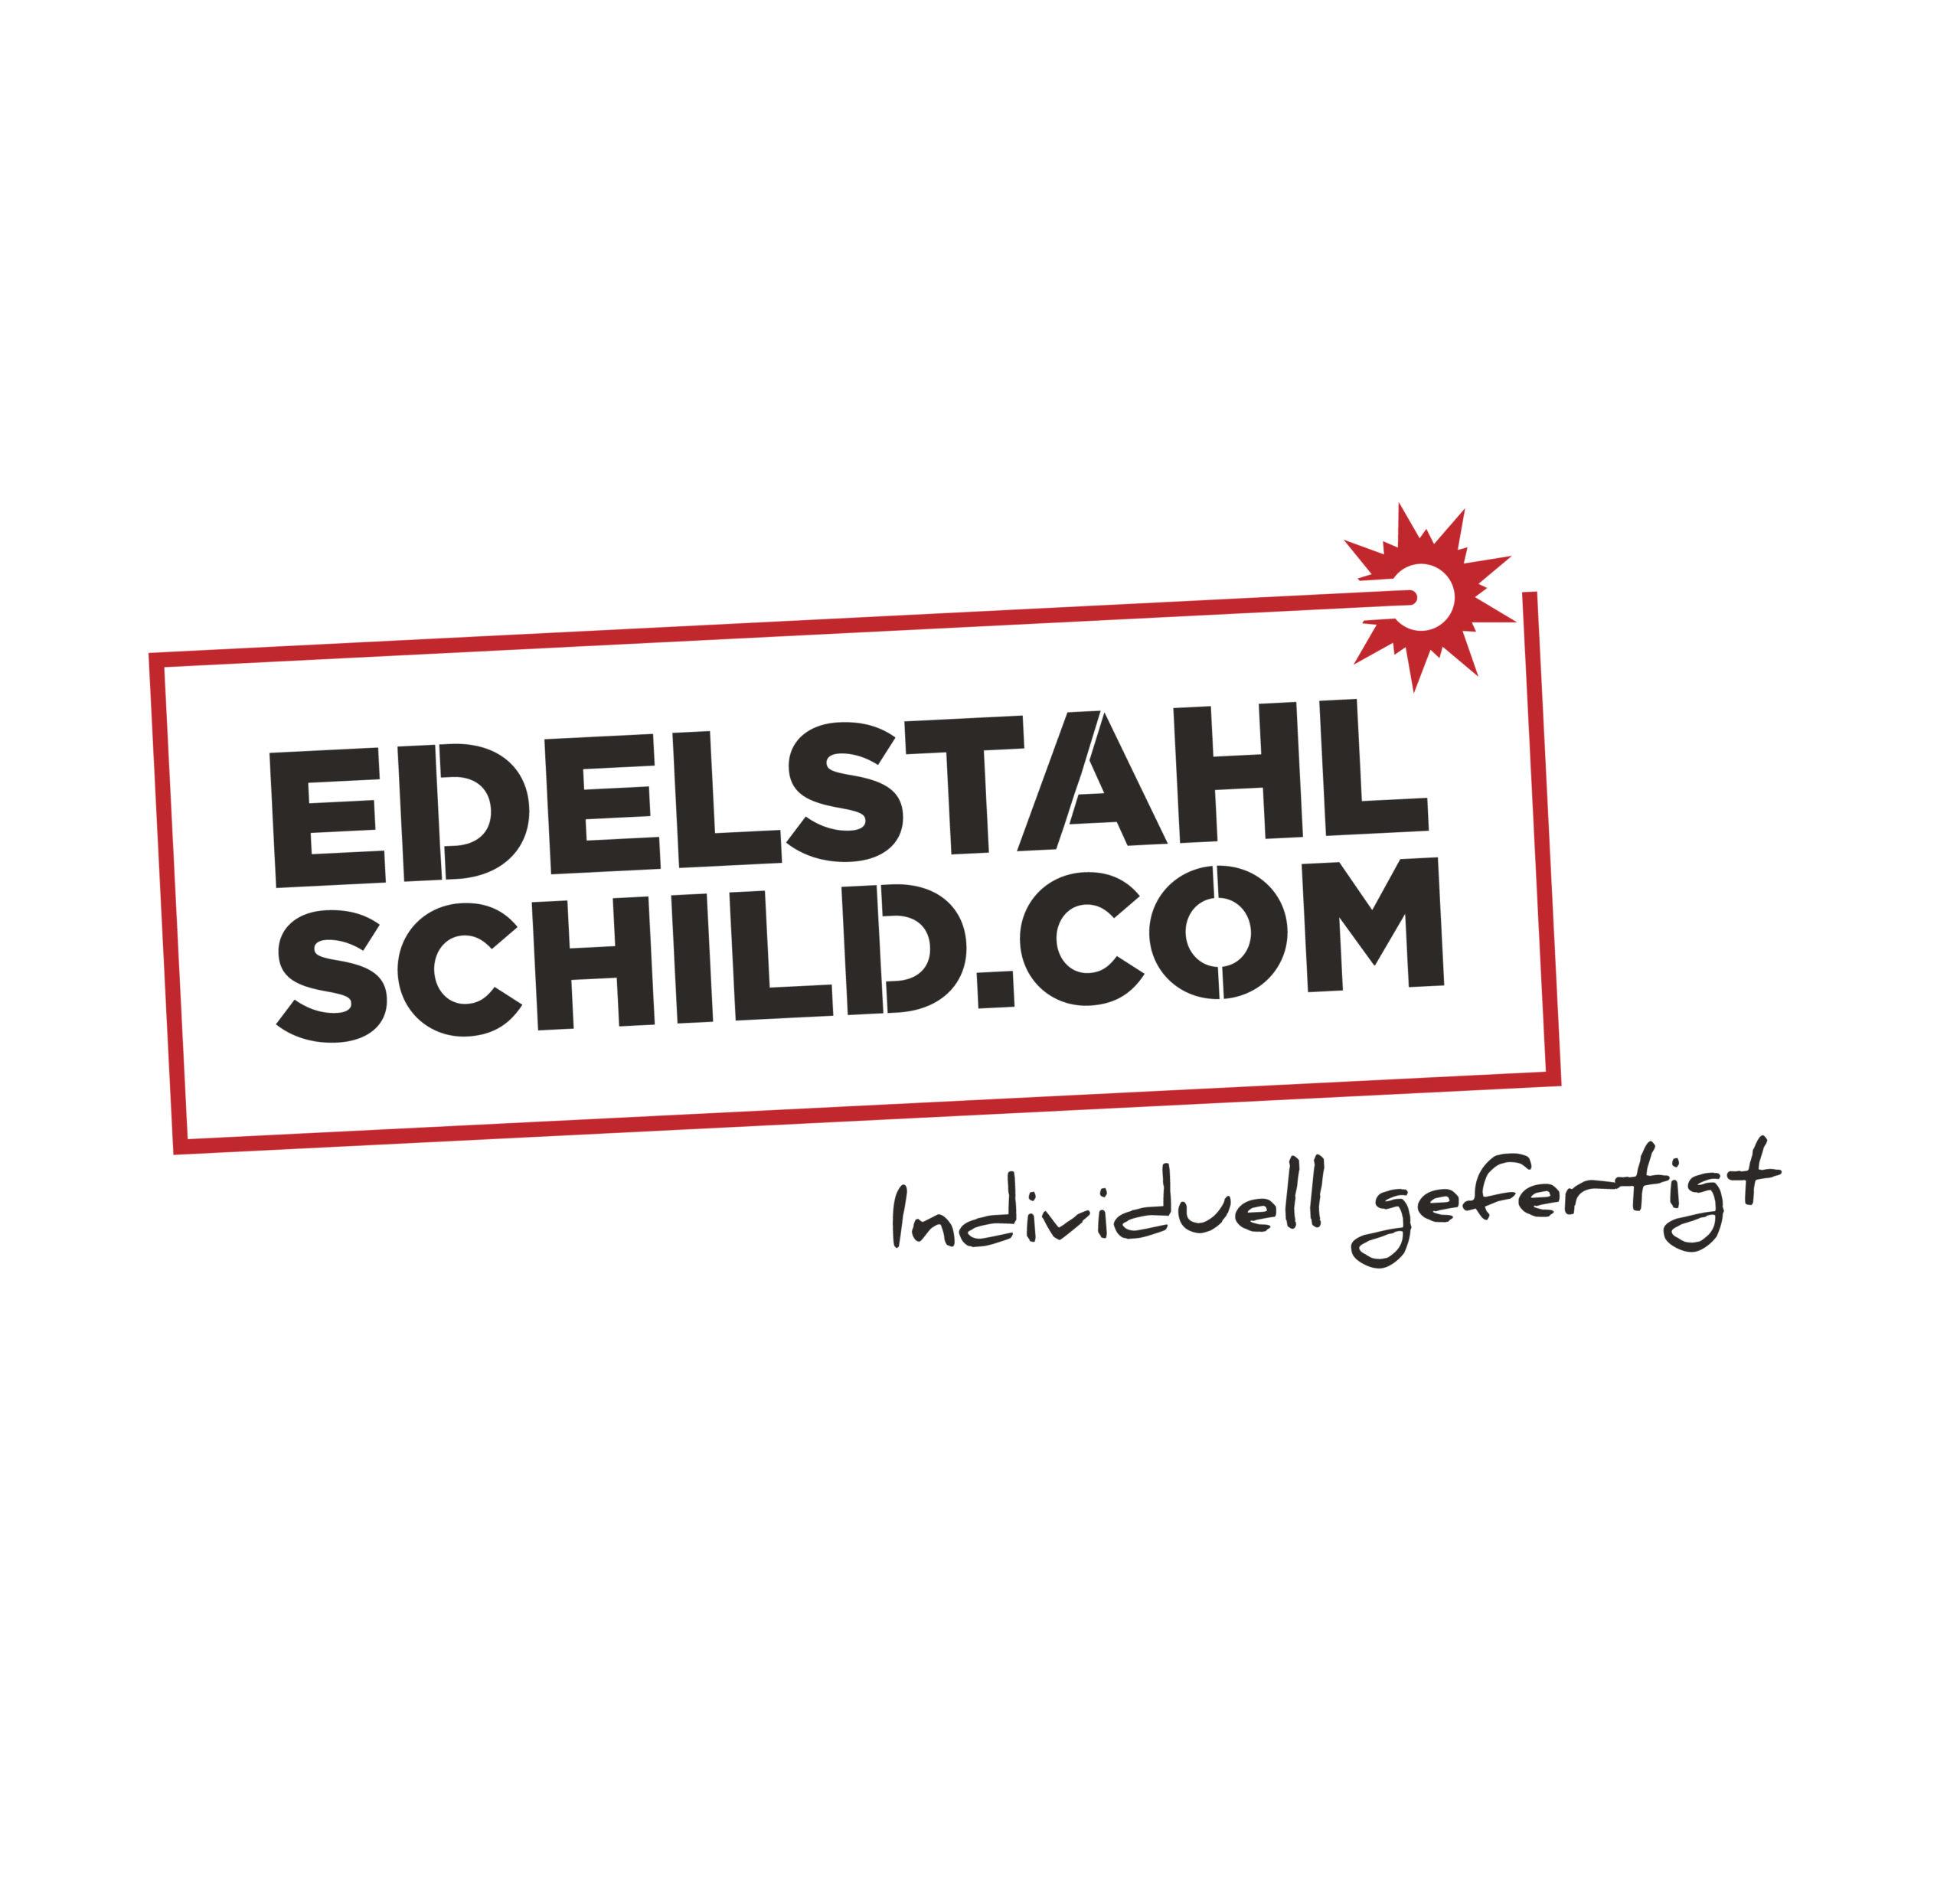 edelstahlschild.com